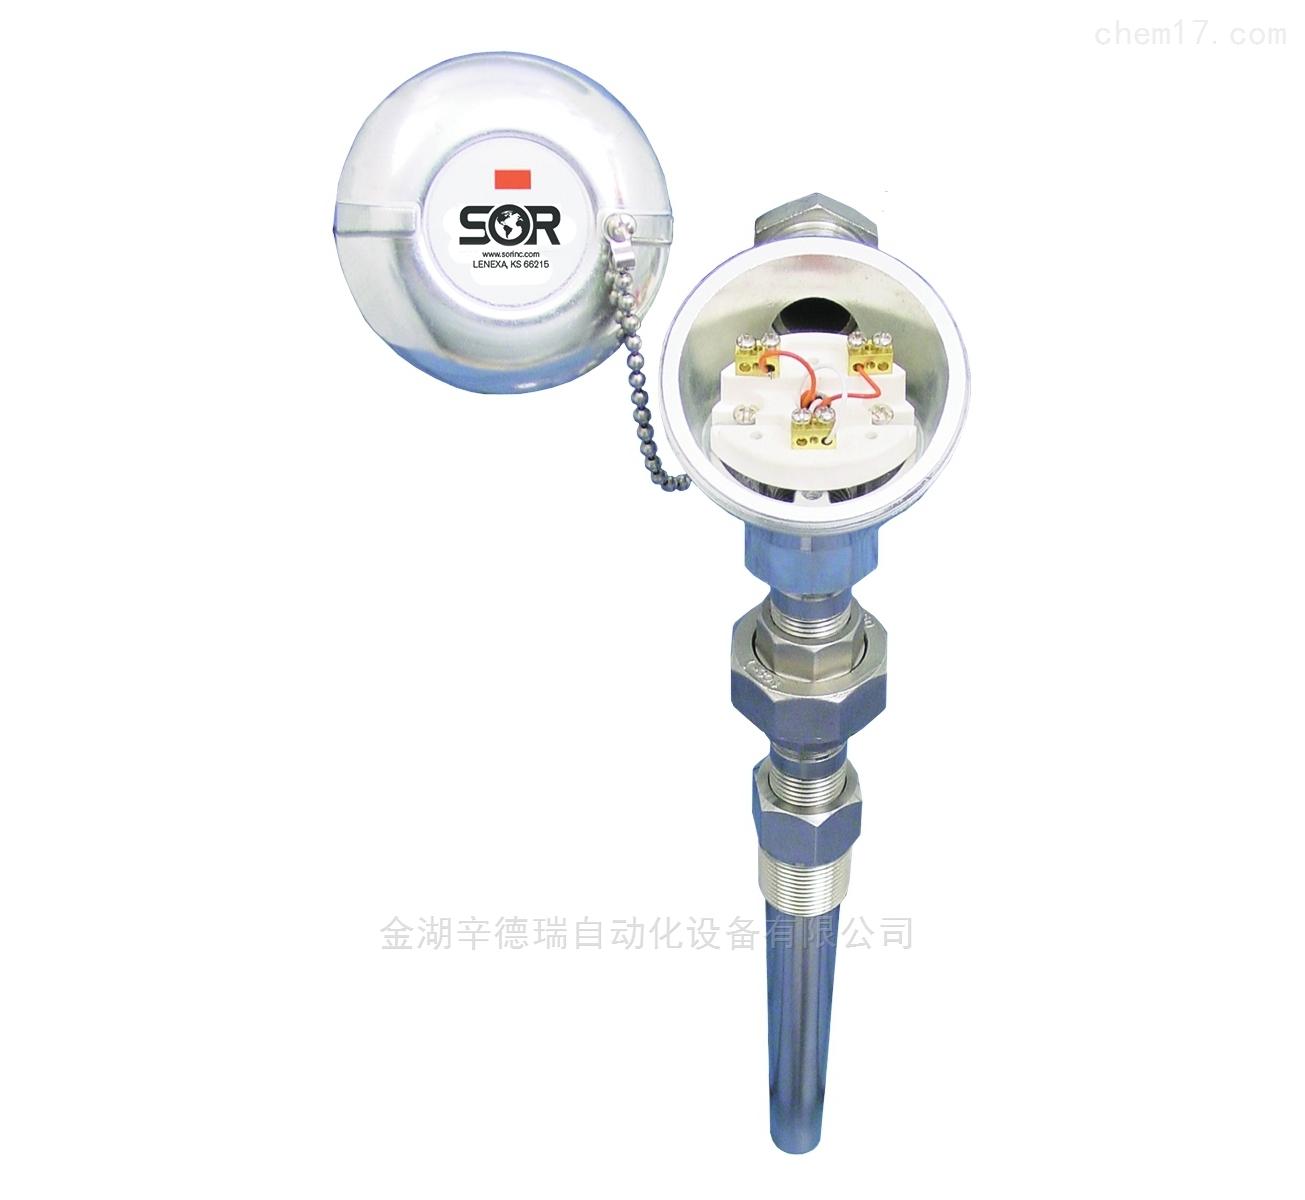 美国SOR索尔一体化温度传感器